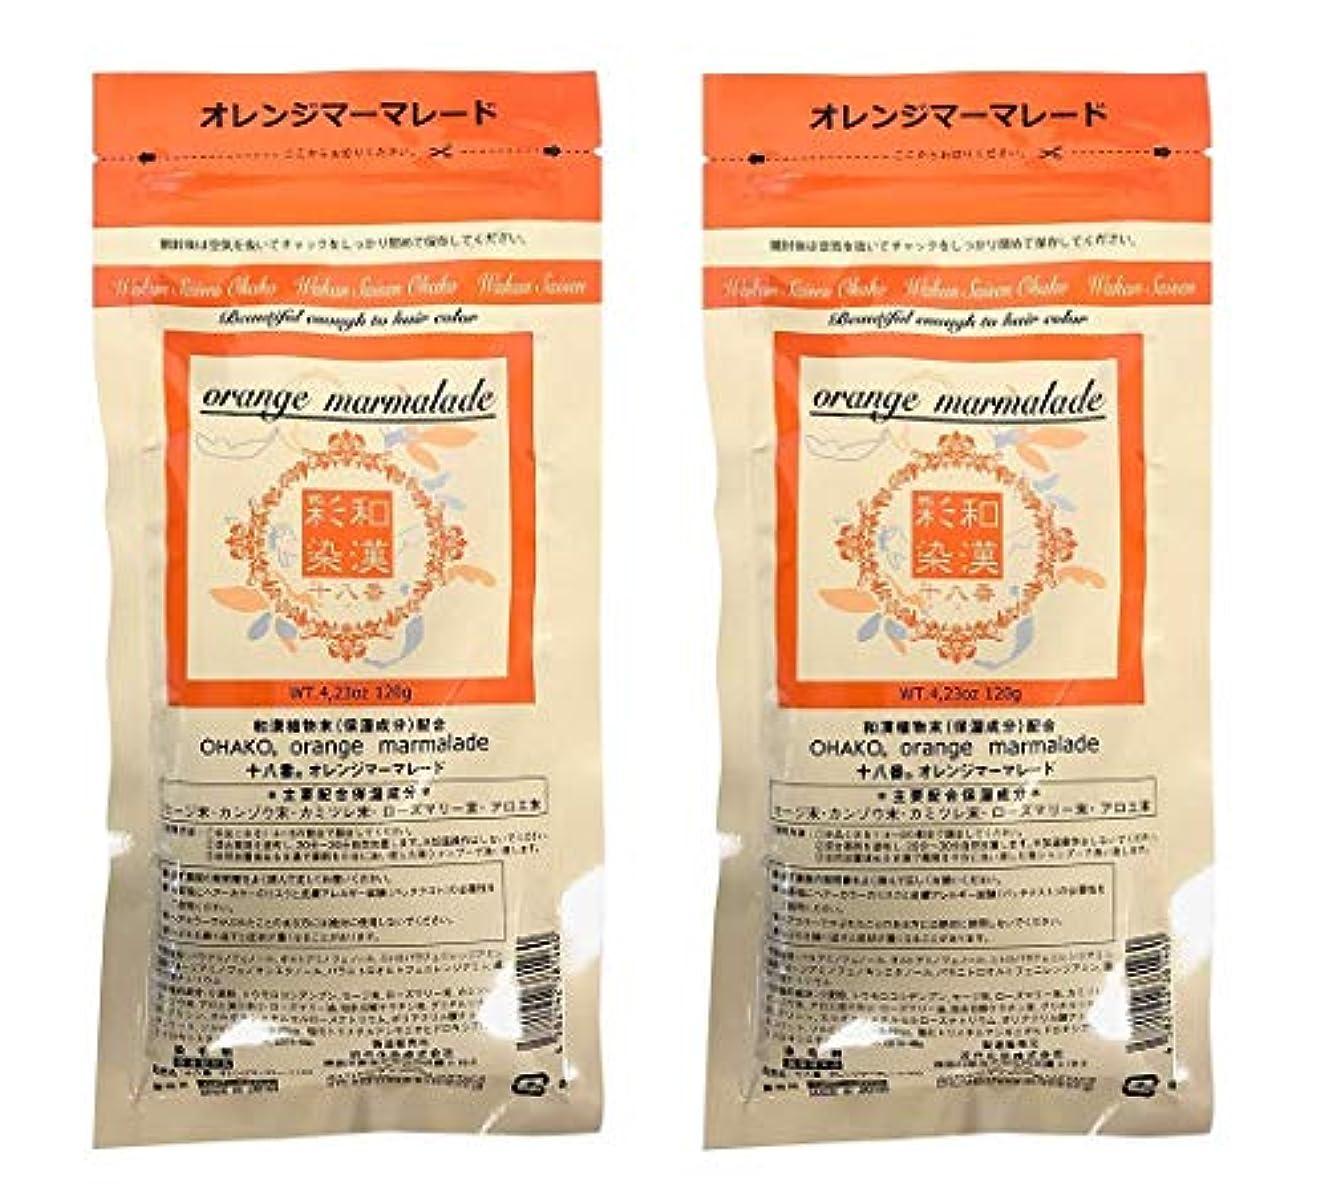 豊かな測定真似る【2個セット】グランデックス 和漢彩染 十八番 120g オレンジママーレード